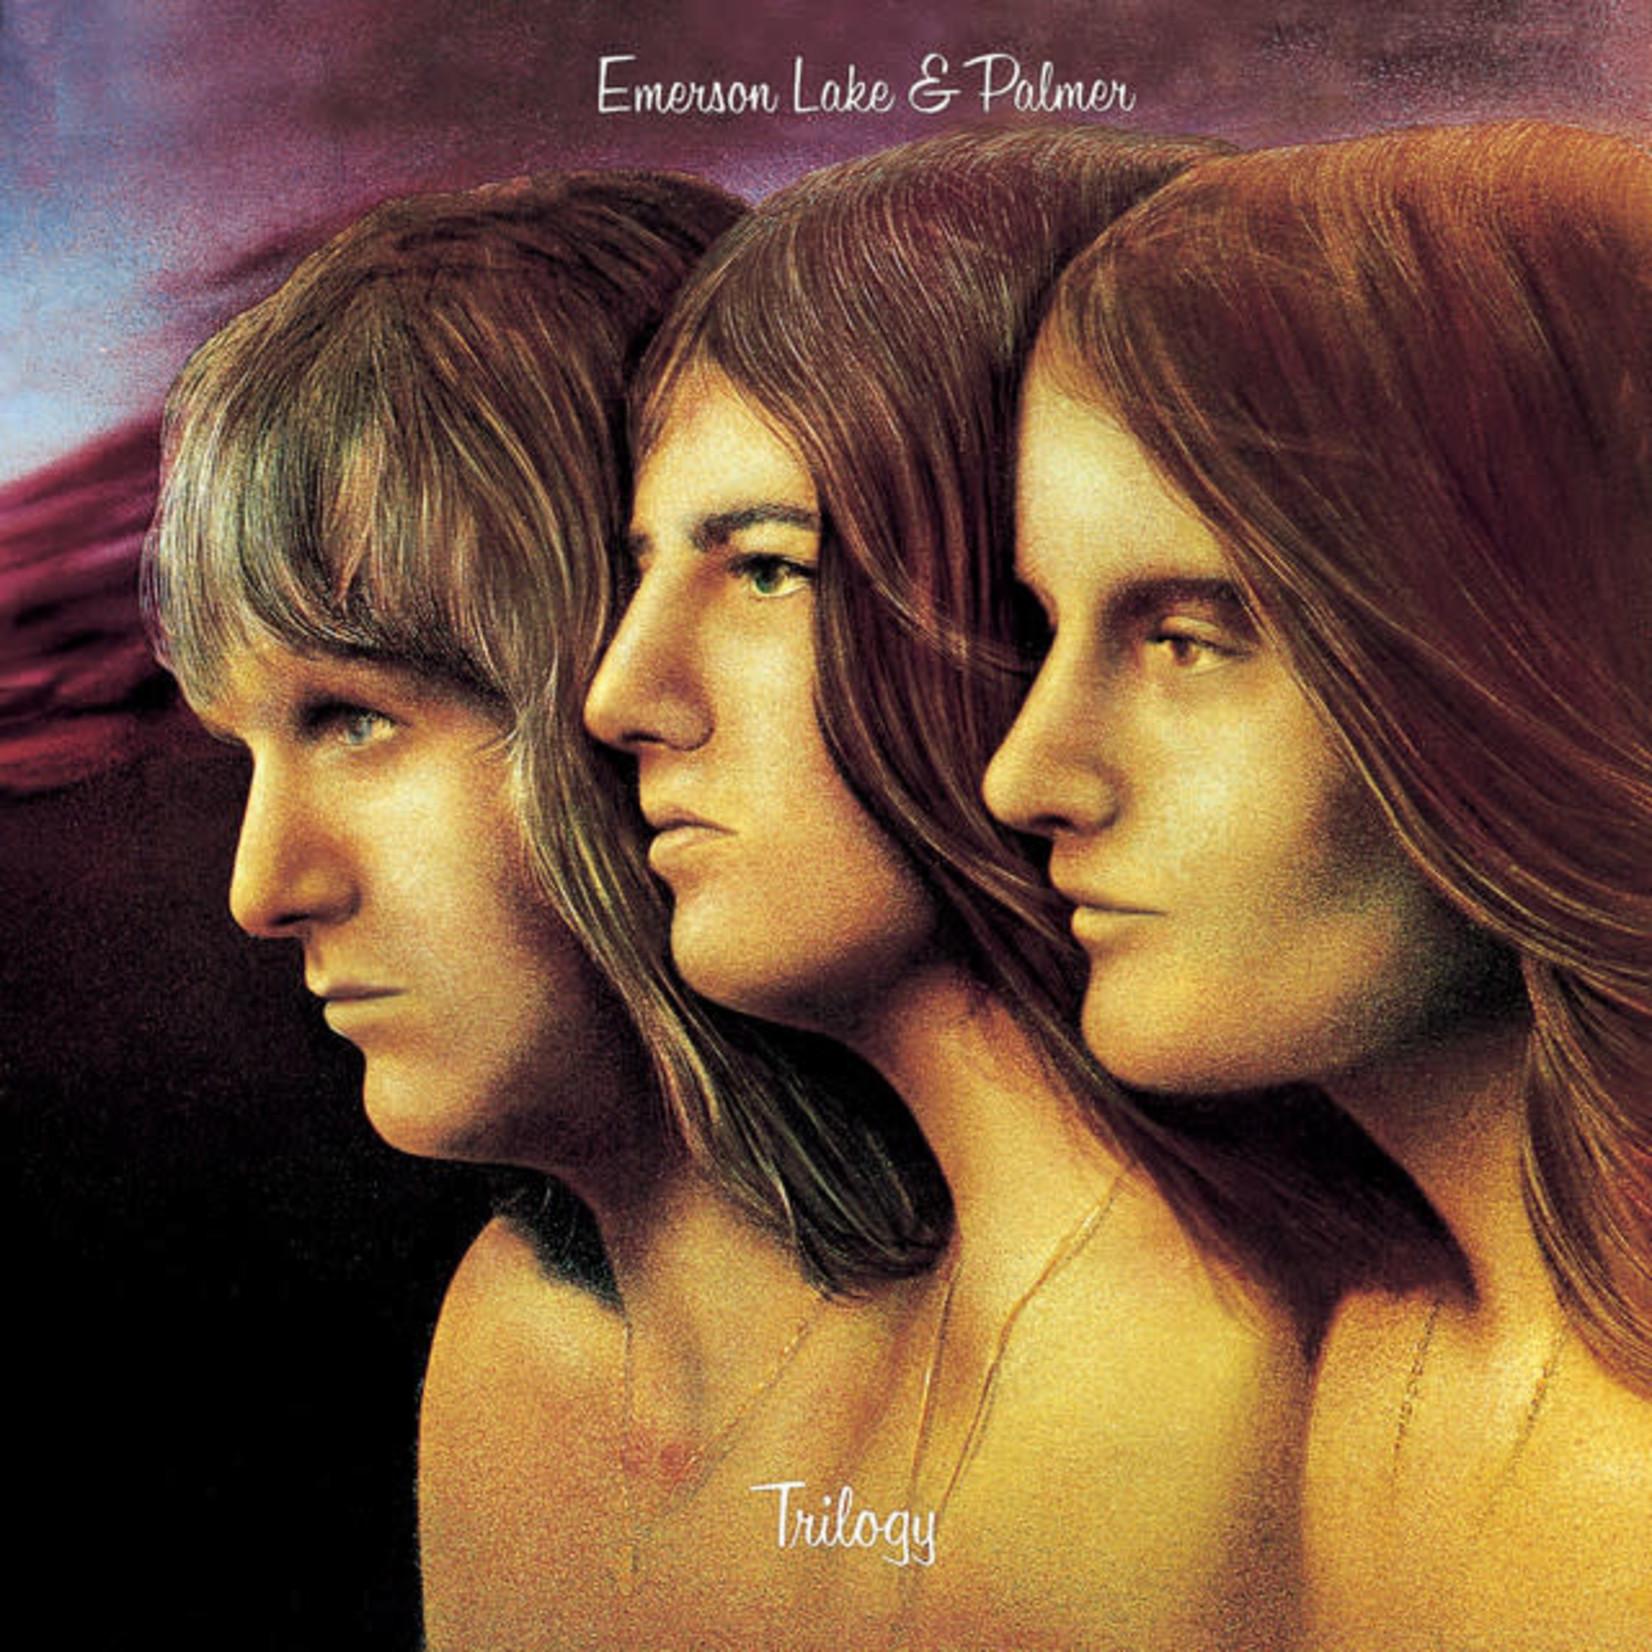 Vinyl Emerson, Lake & Palmer - Trilogy